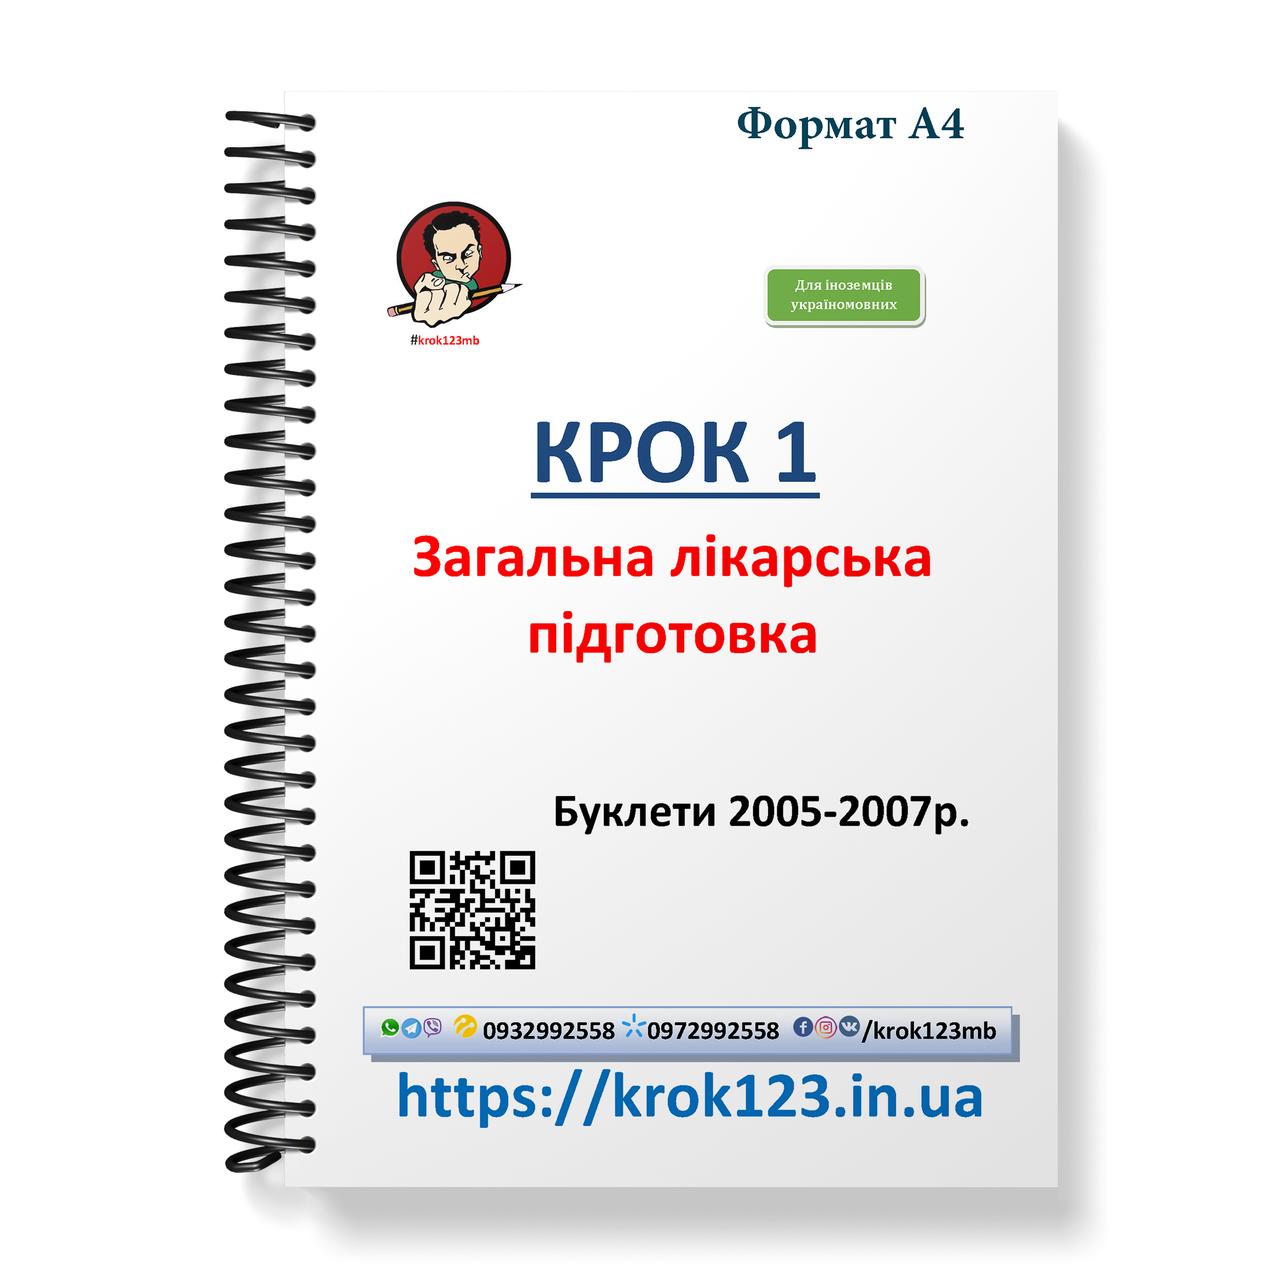 Крок 1. Медицина. Буклеты 2005-2007. Для иностранцев украиноязычных. Формат А4